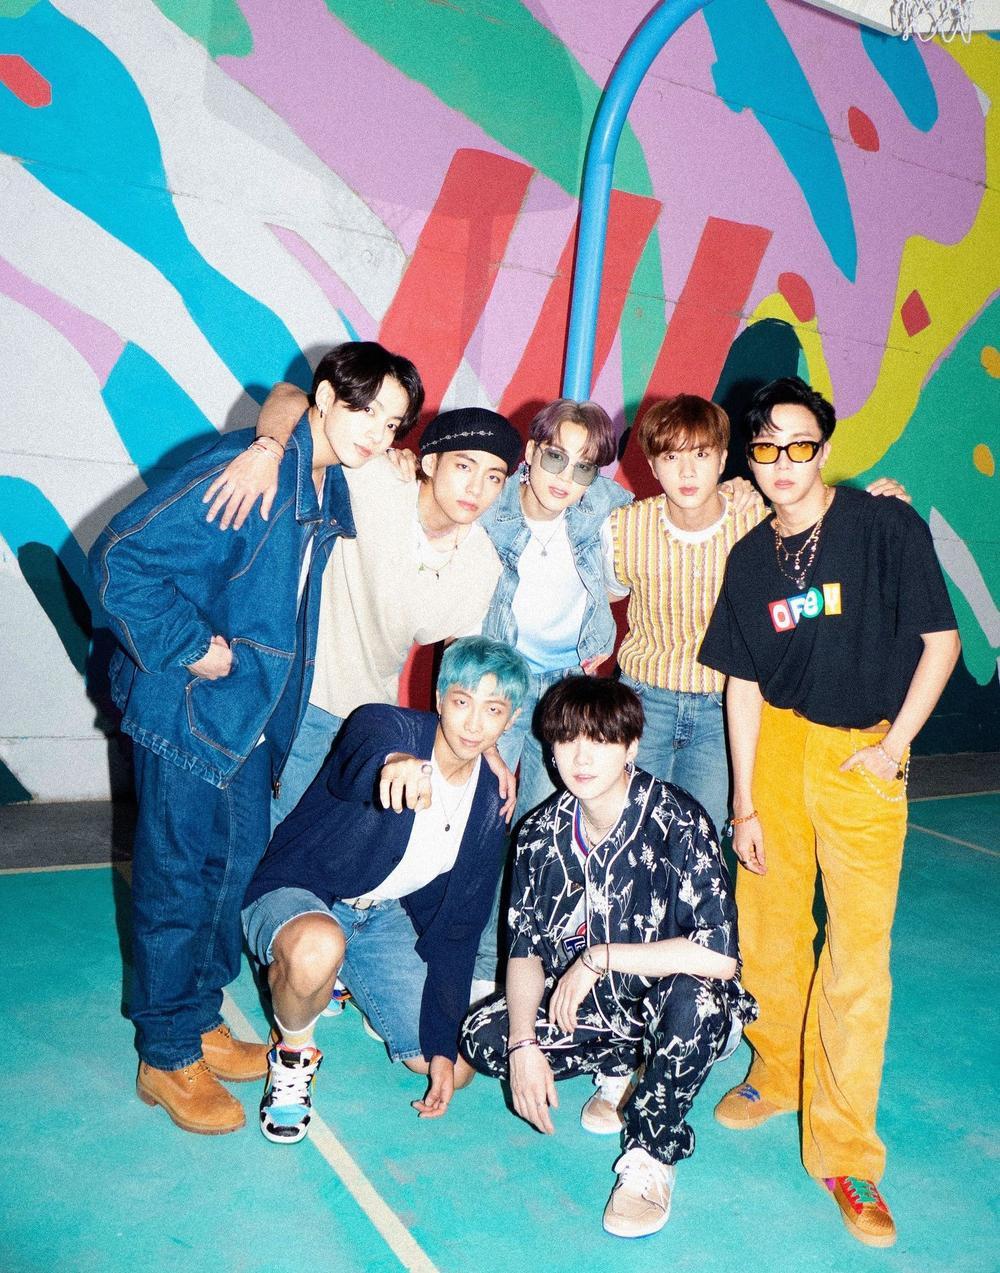 Nhây như 'Dynamite' của BTS: Tiếp tục giành cúp thứ 30 trên show âm nhạc Ảnh 2